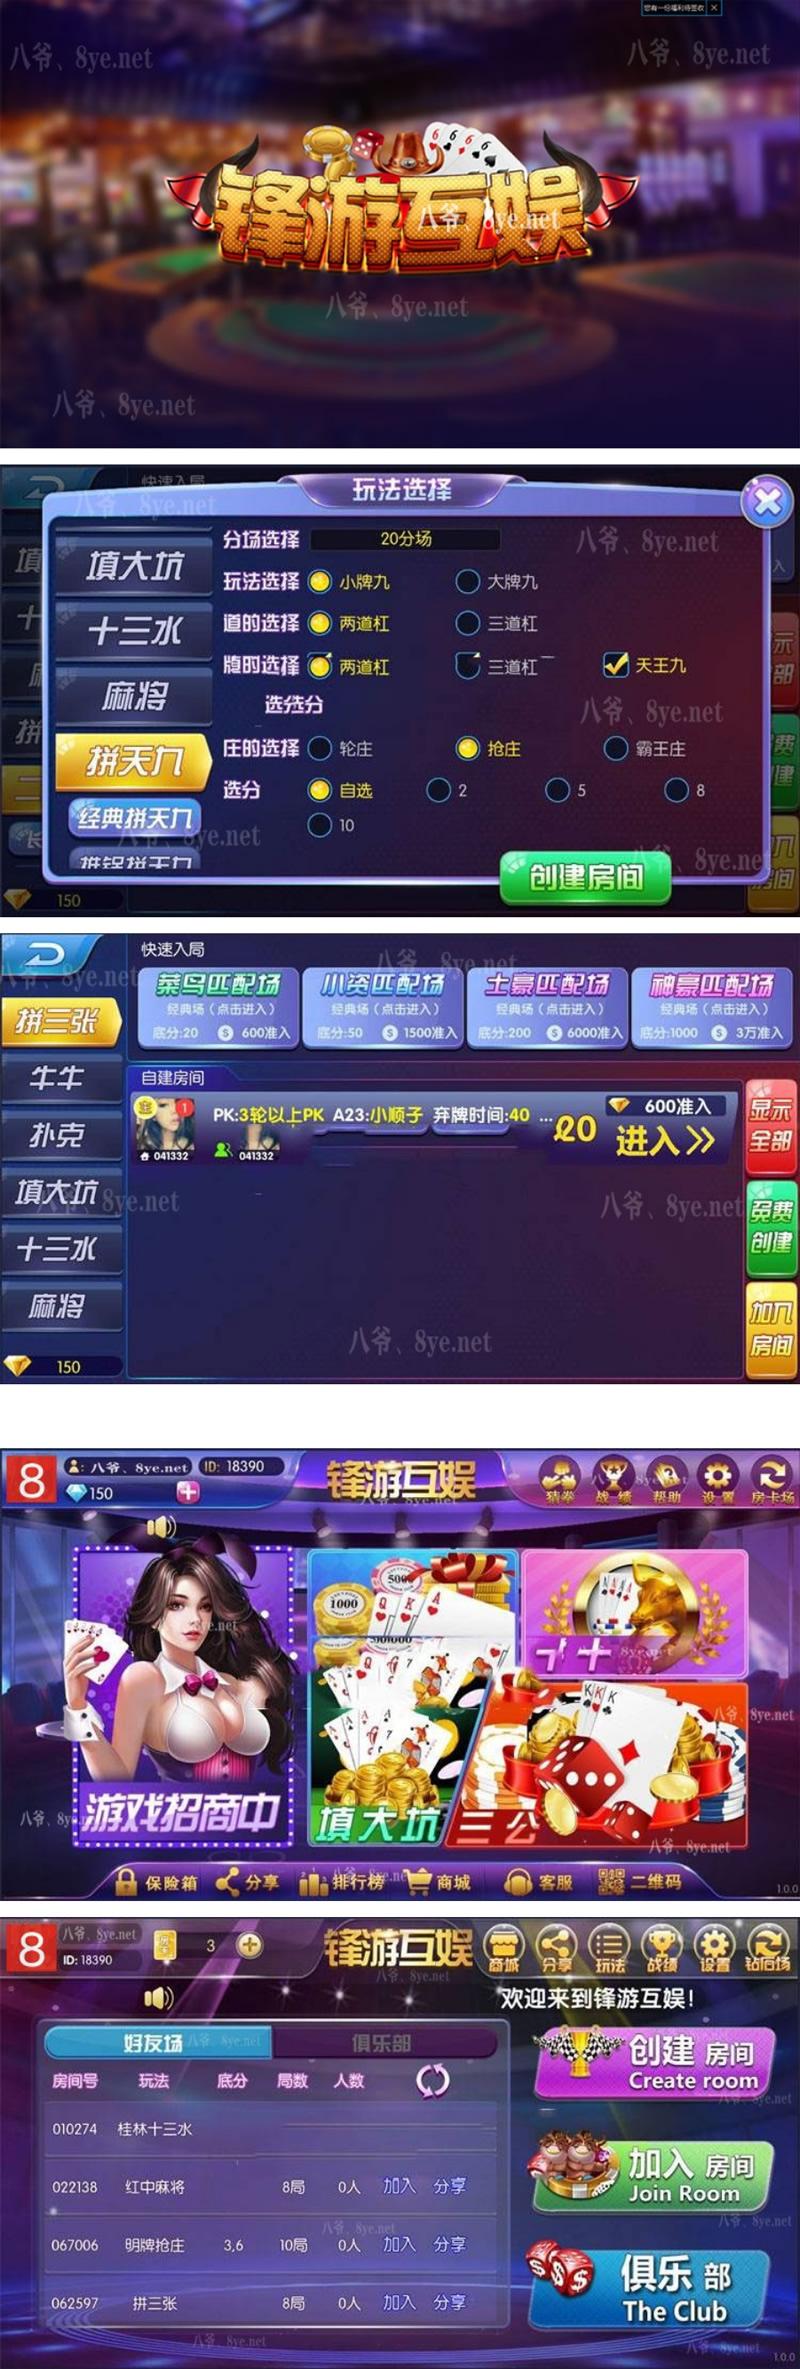 九月新楚国公会二开修复版 峰游互娱娱乐游戏房卡金币游戏源码-爱资源分享